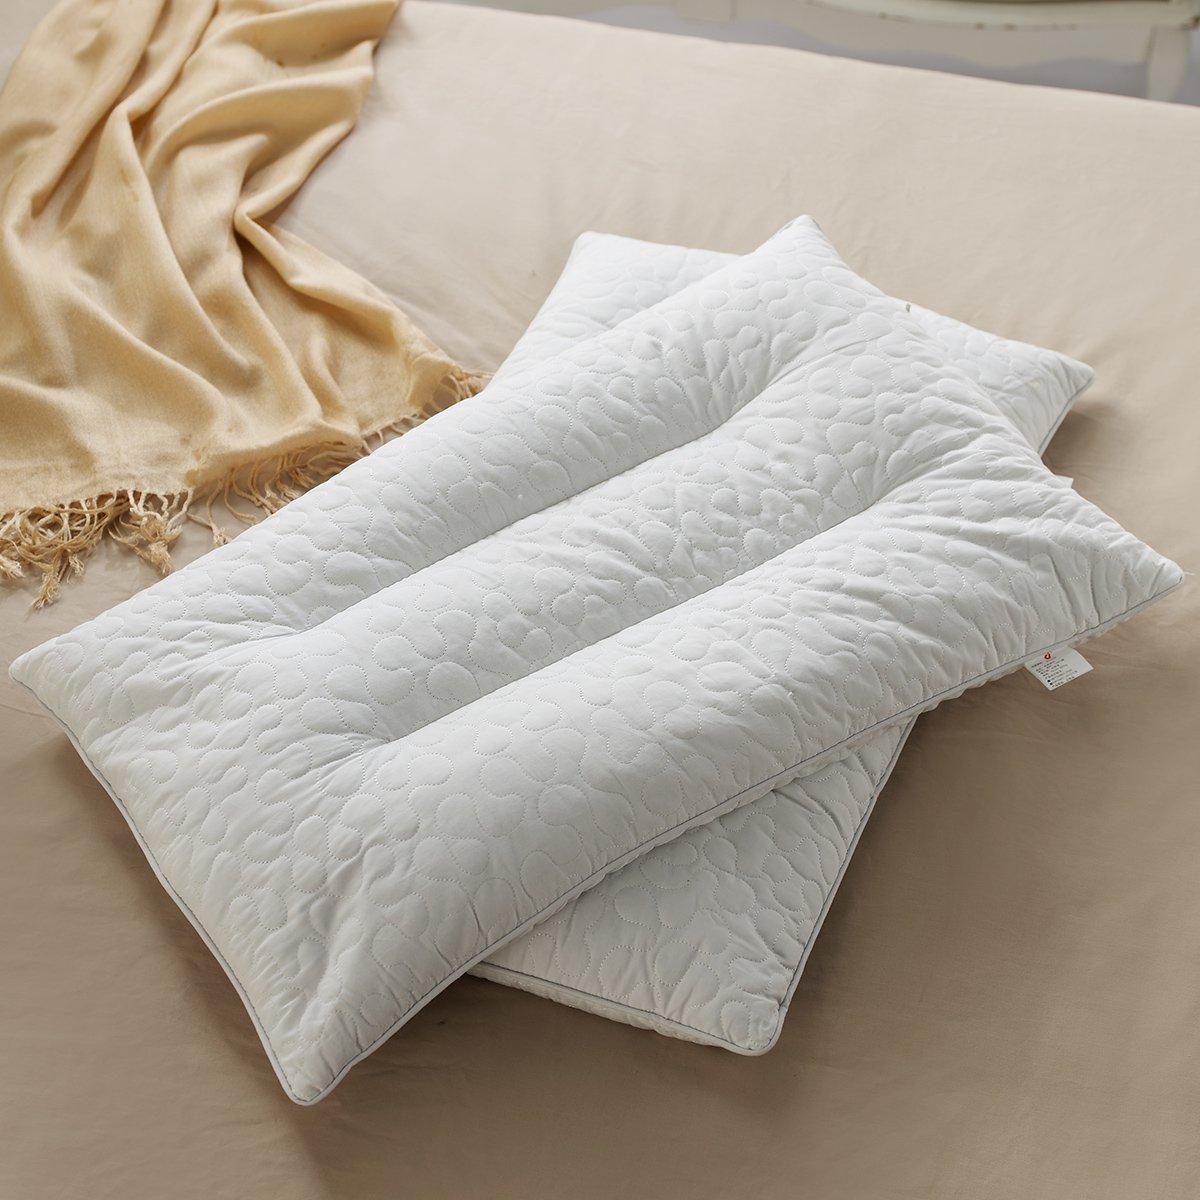 康尔馨酒店单只装枕芯 决明子荞麦枕头 保健护颈椎枕头6925601514708